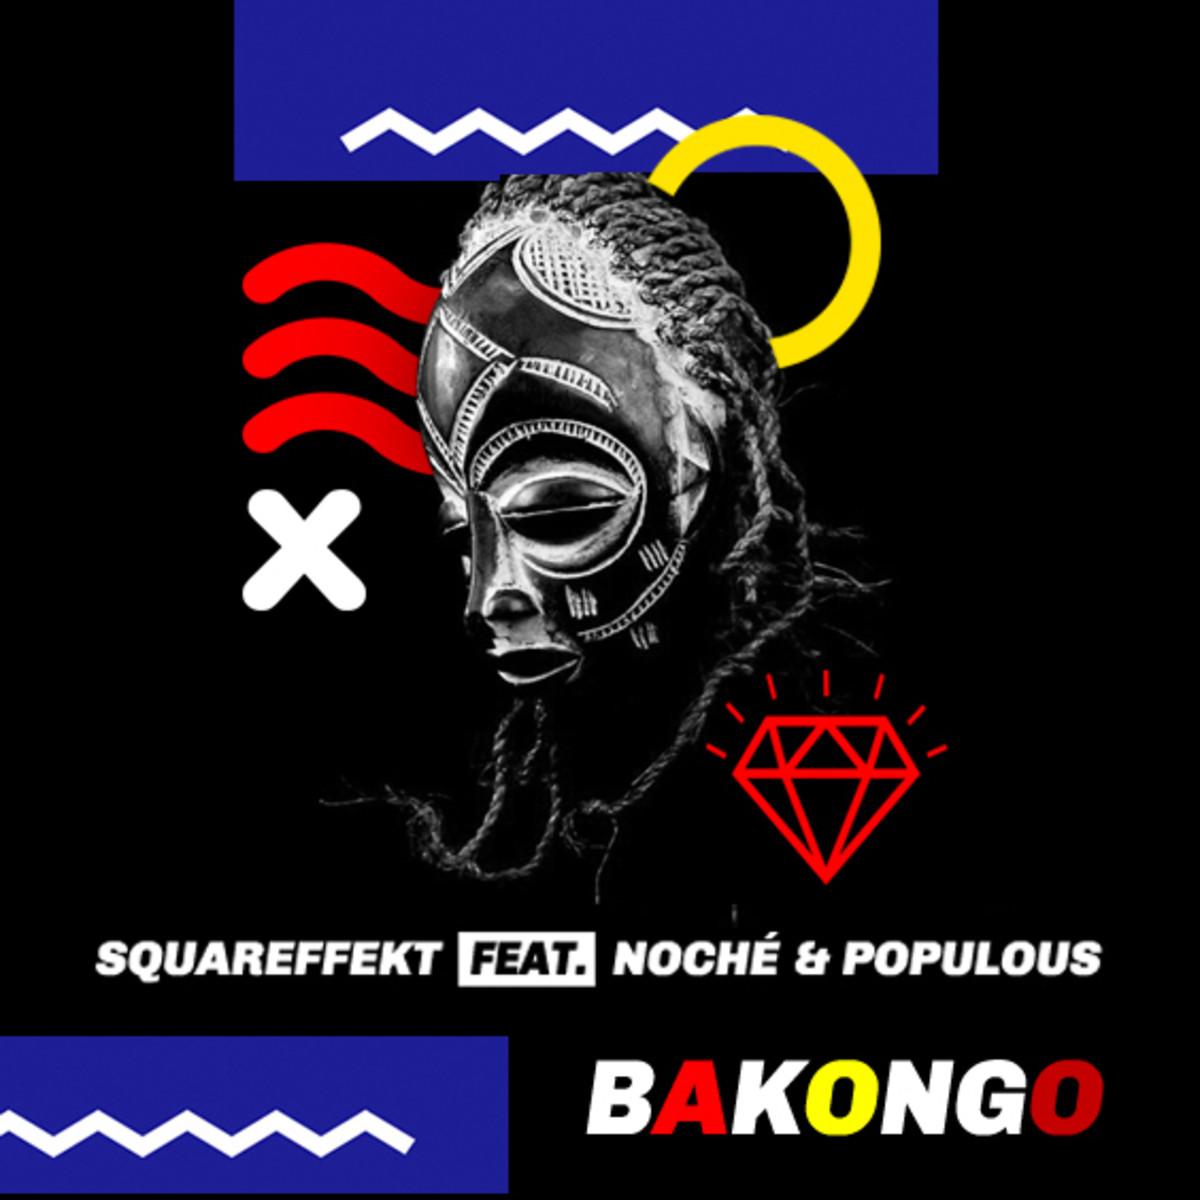 Squareffekt - Bakongo (feat. Noche & Populous).jpg